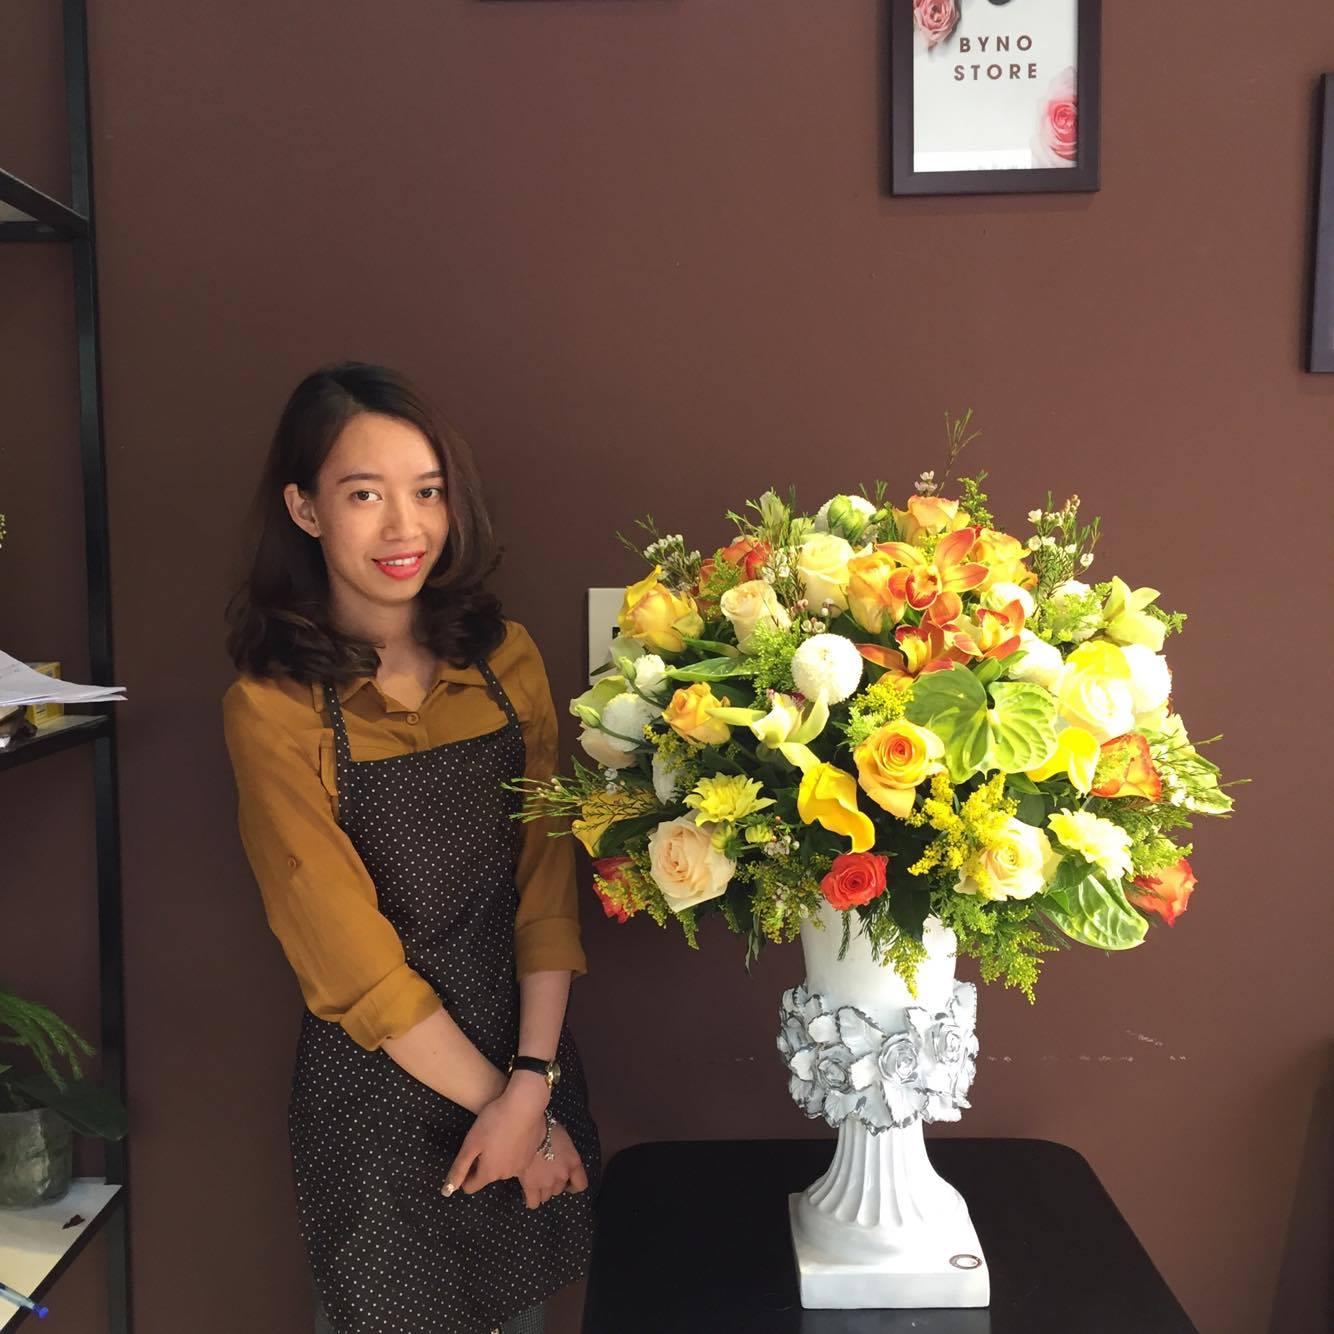 Bỏ công tránh việc, cô nàng quyết tâm theo nghiệp... bán hoa - Ảnh 4.